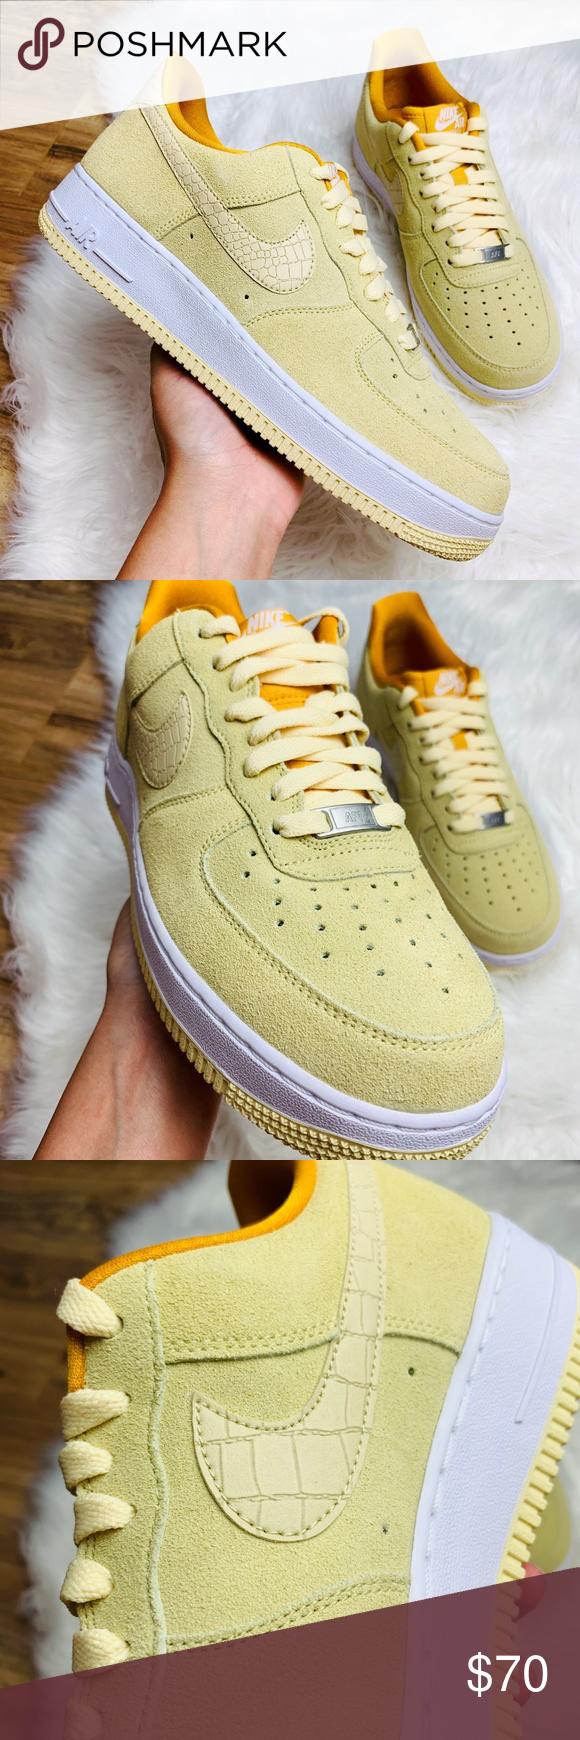 New Nike Air Force 1 07 Seasonal Lemon Drop Suede NWT